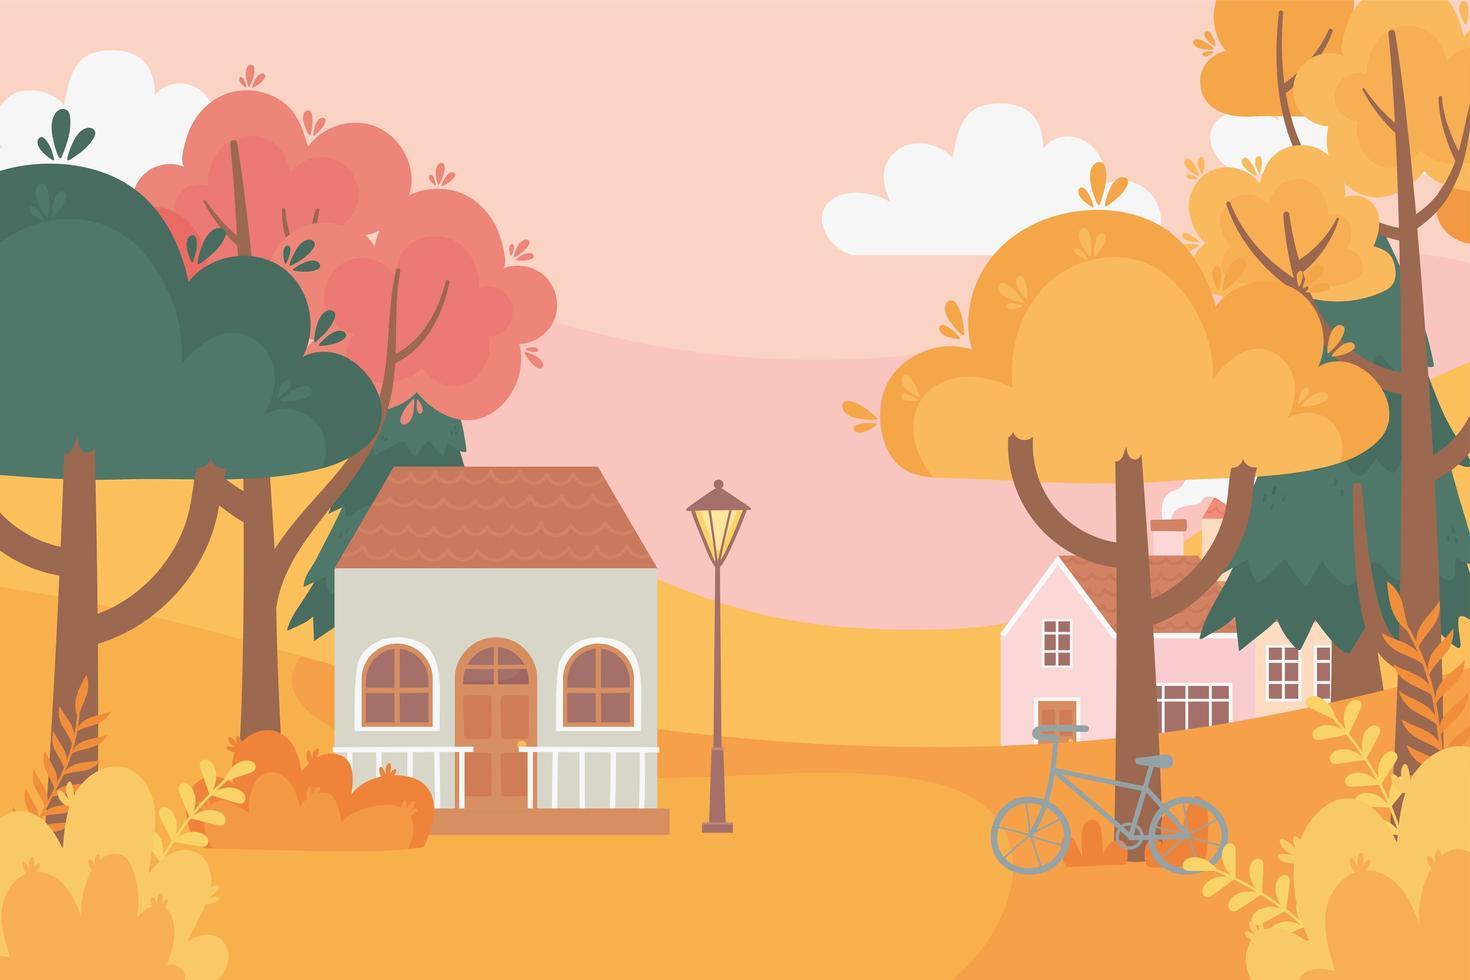 landskap på hösten. hus, cykel, lampa och träd vektor